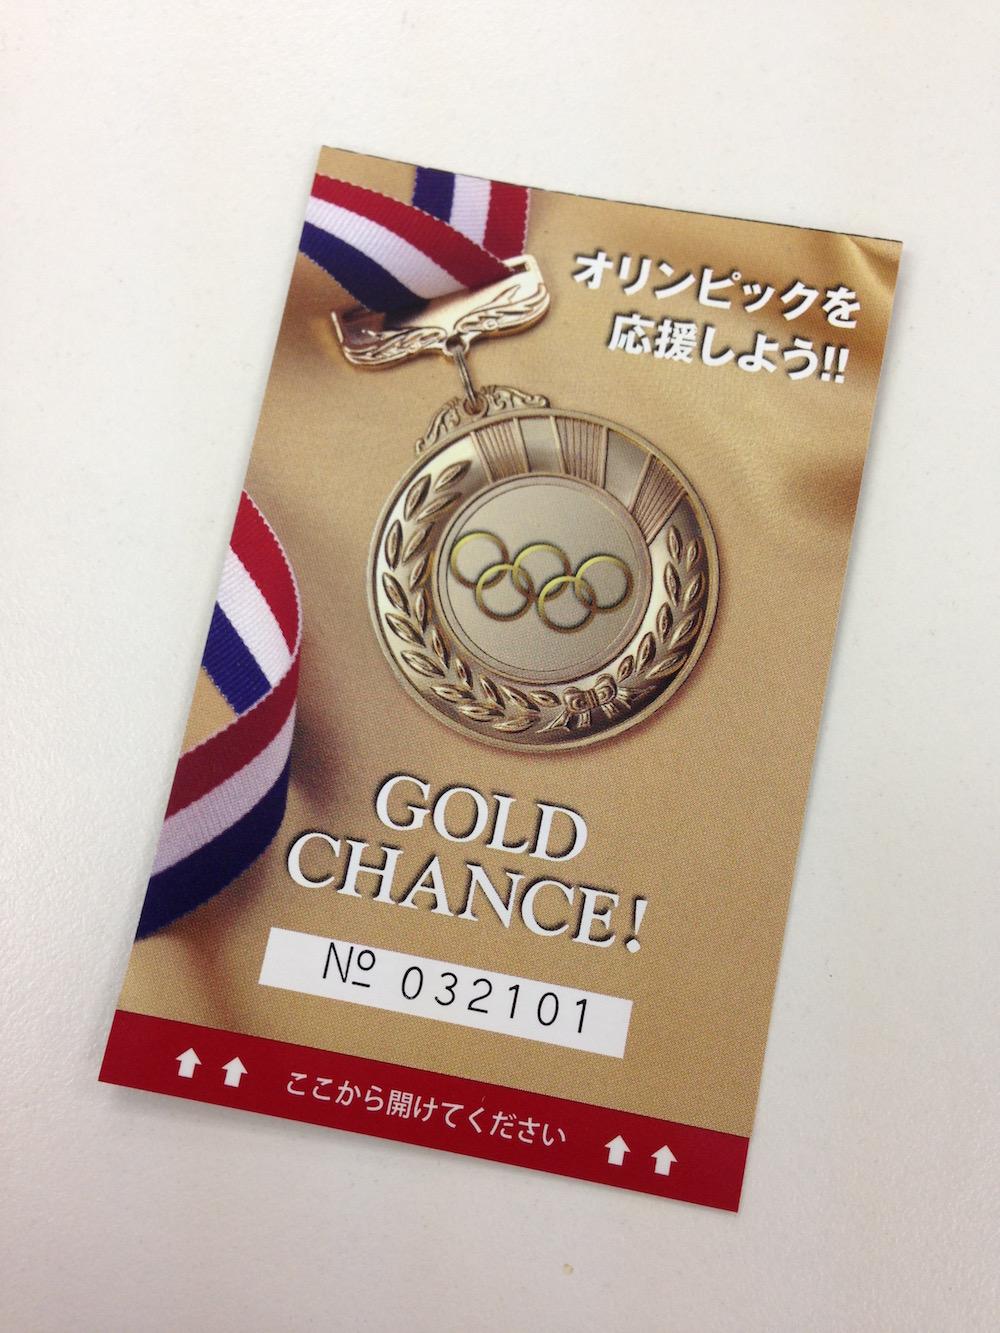 ゴールドチャンスカードの画像